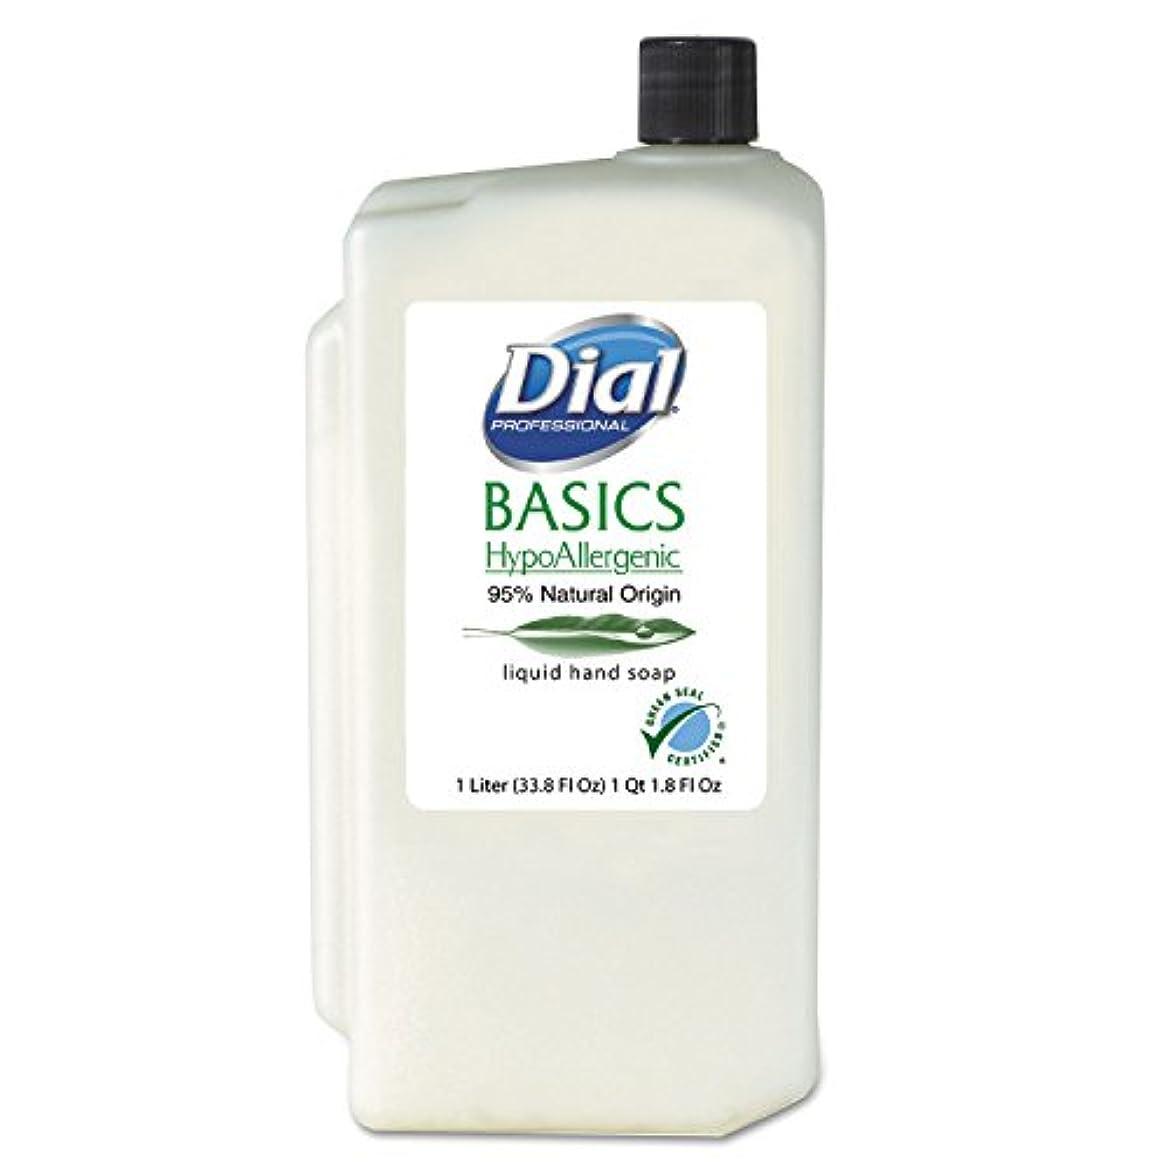 不毛のハンマー実際DIA06046 - Basics Hypoallergenic Liquid Soap, Rosemary amp; Mint, 1 Liter Refill by Dial